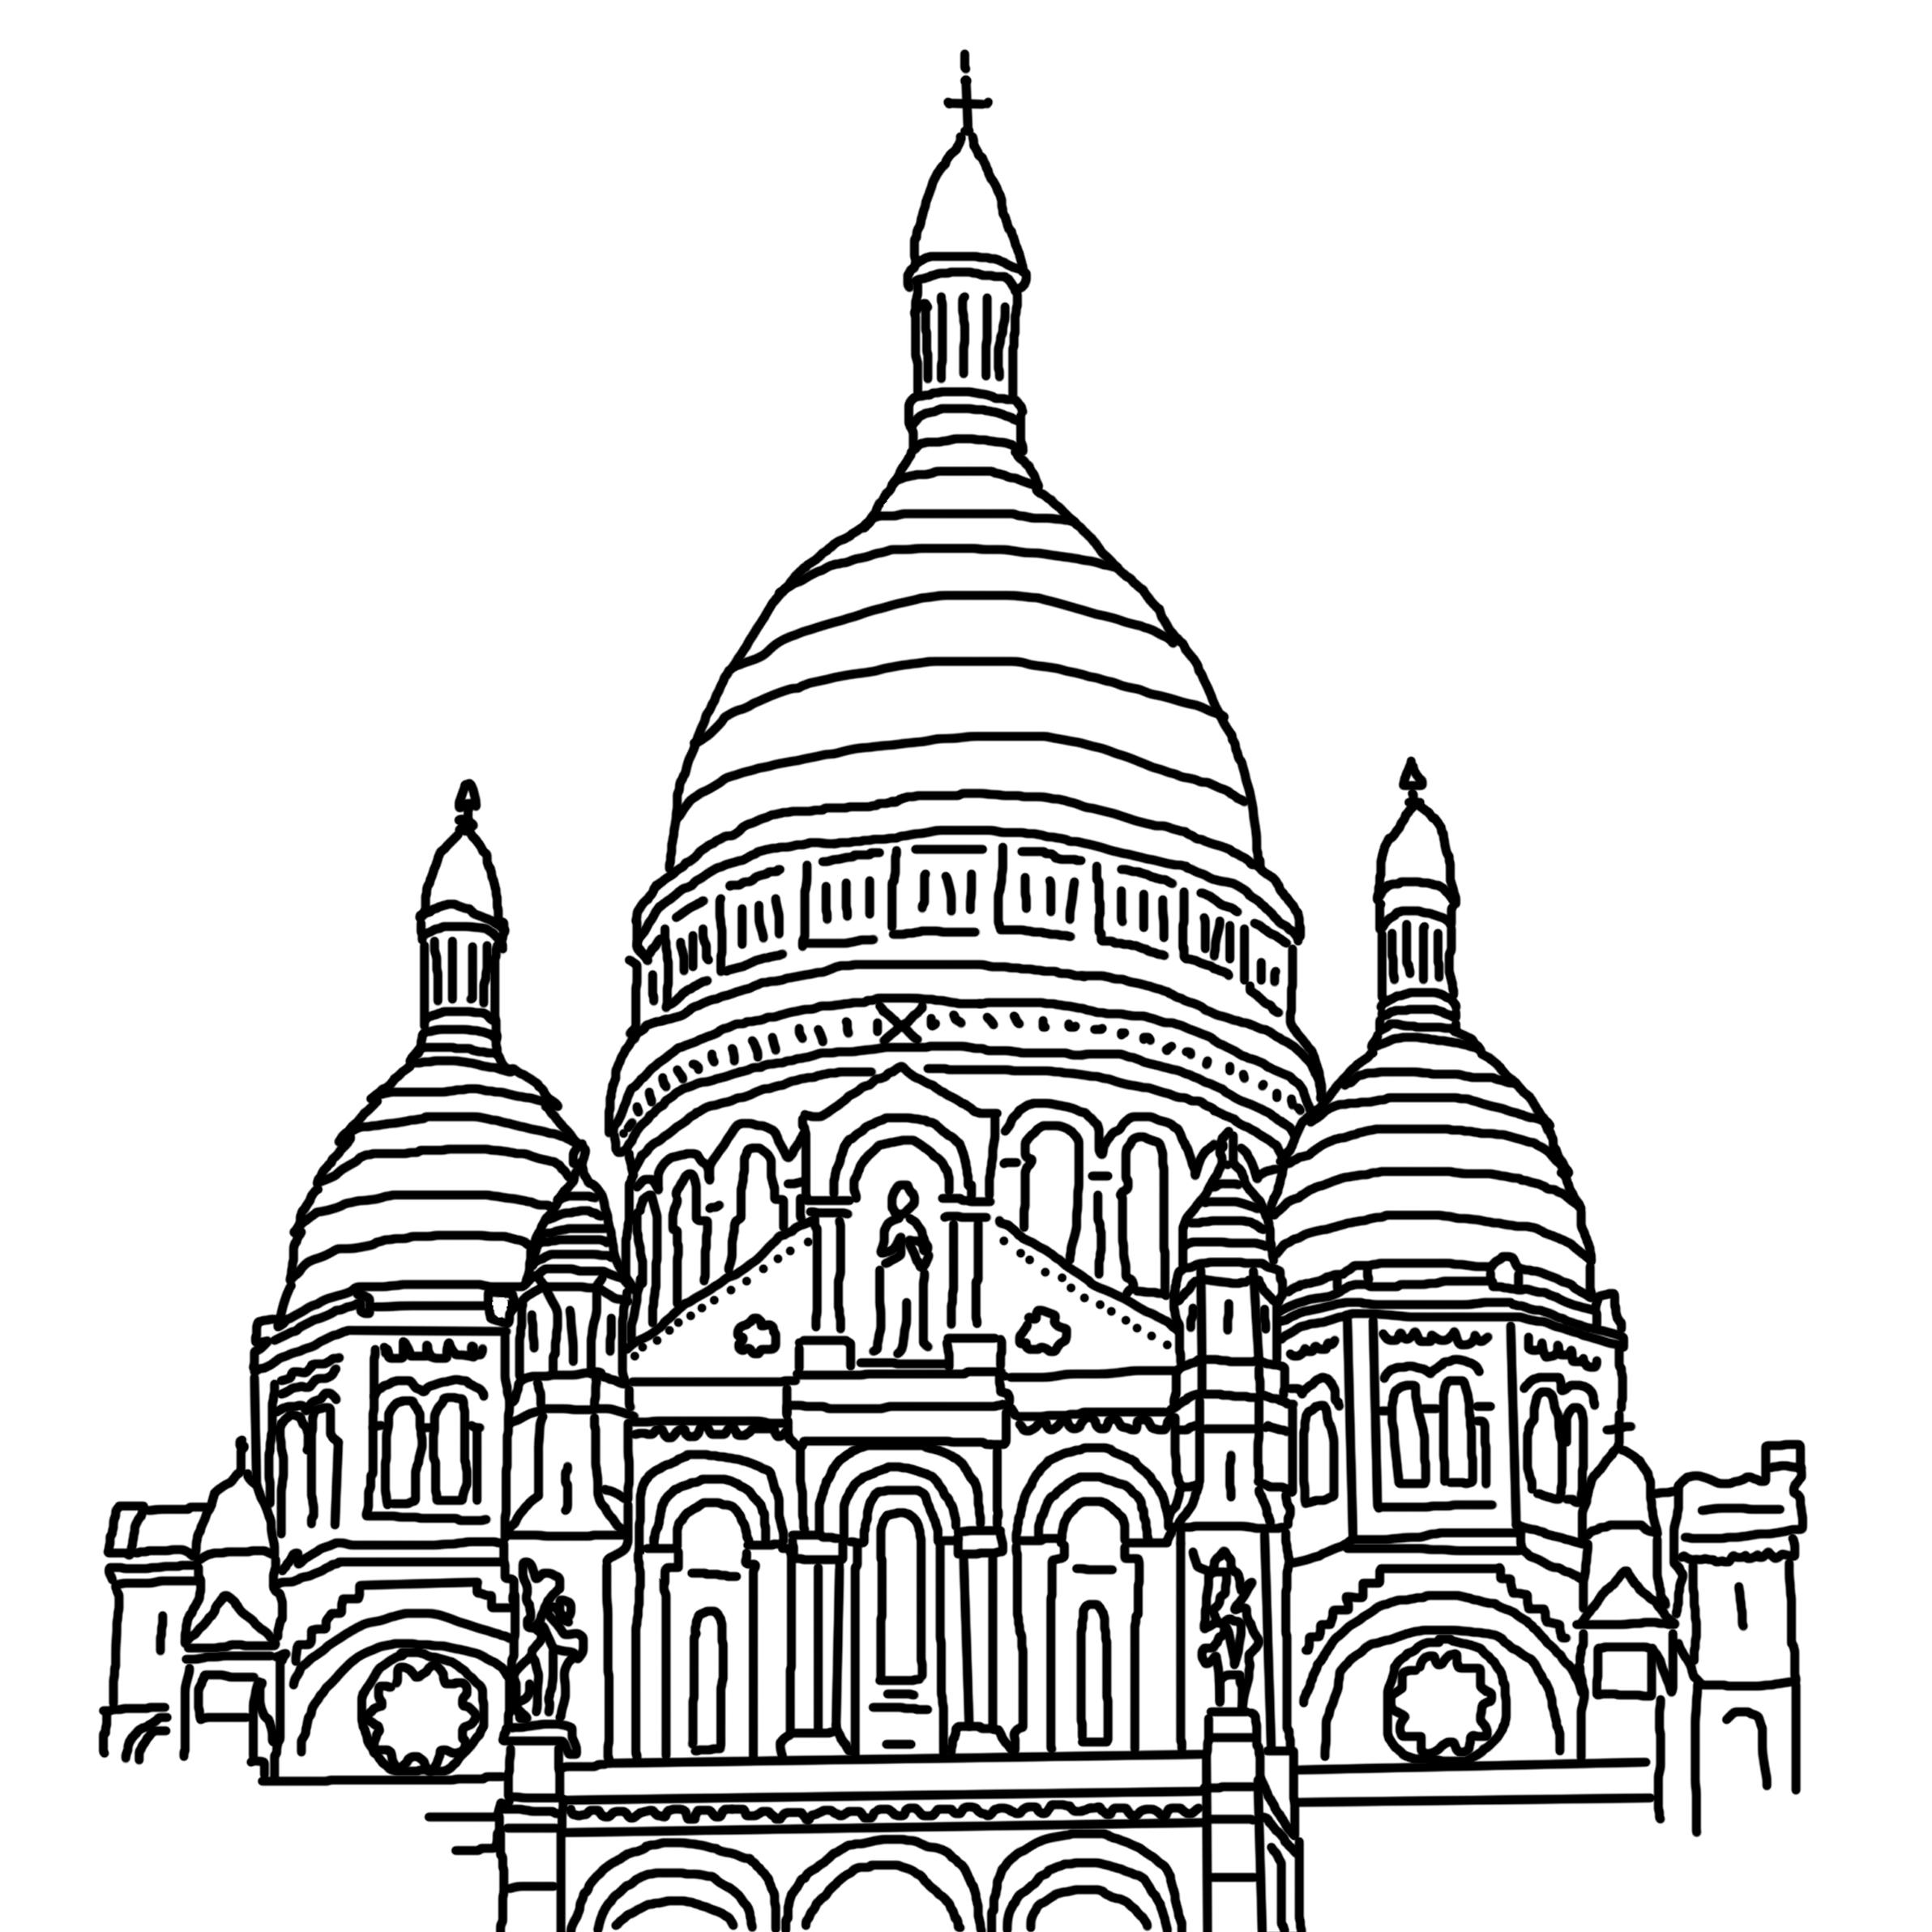 Illustration-Paris-Manicula-Maniculae-2